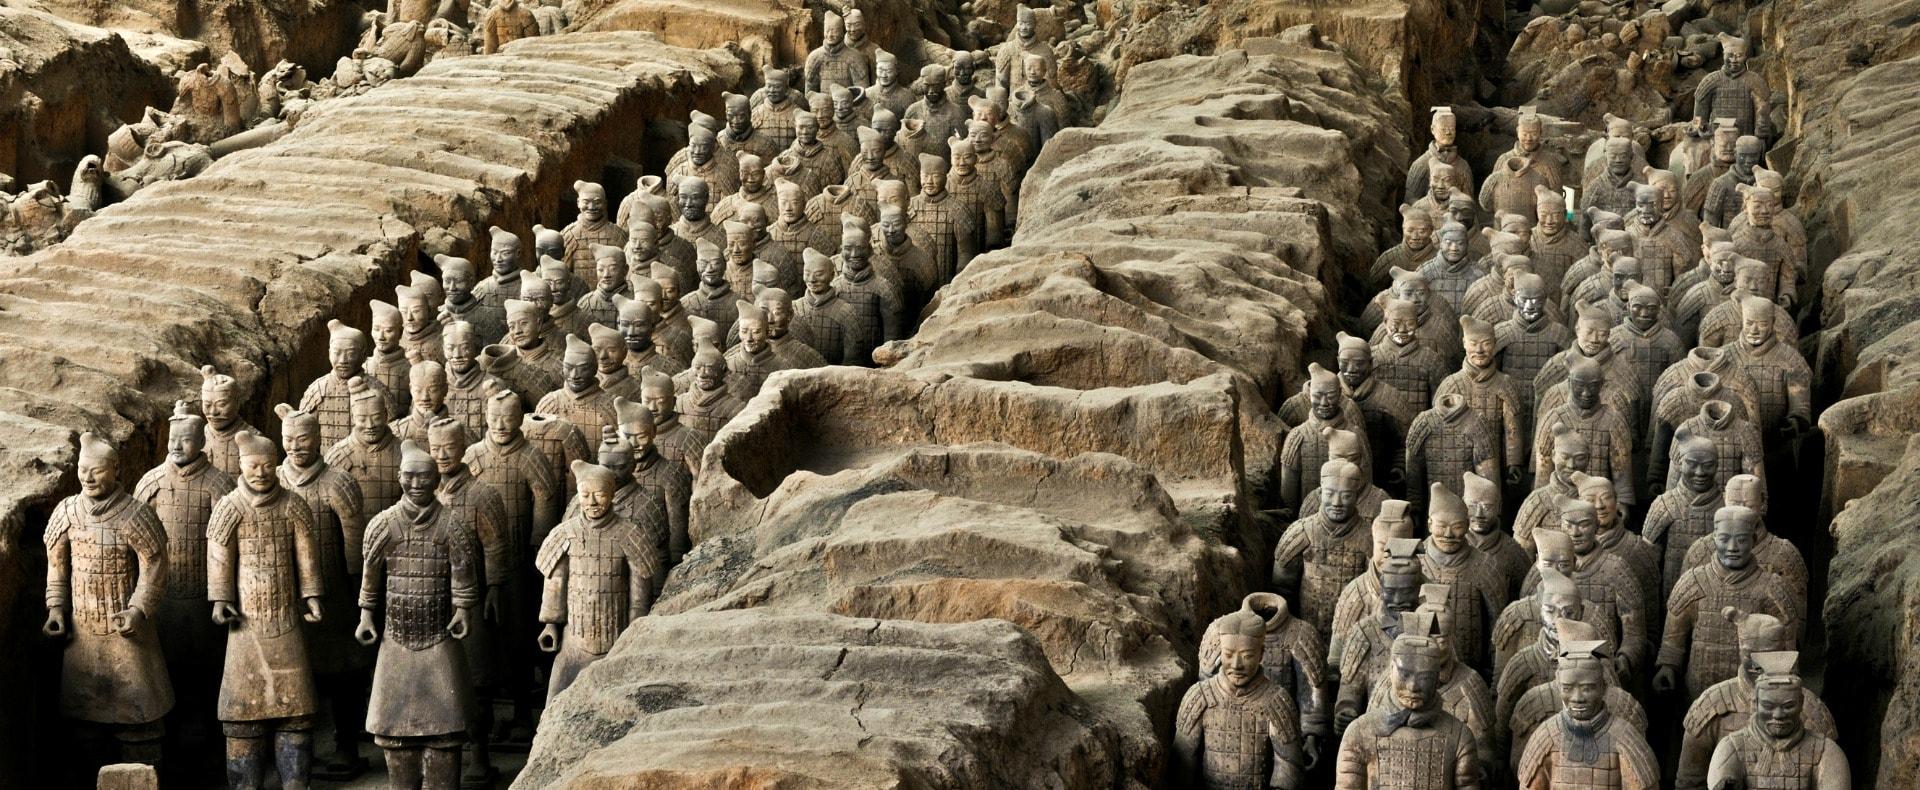 Xian, China Gallery